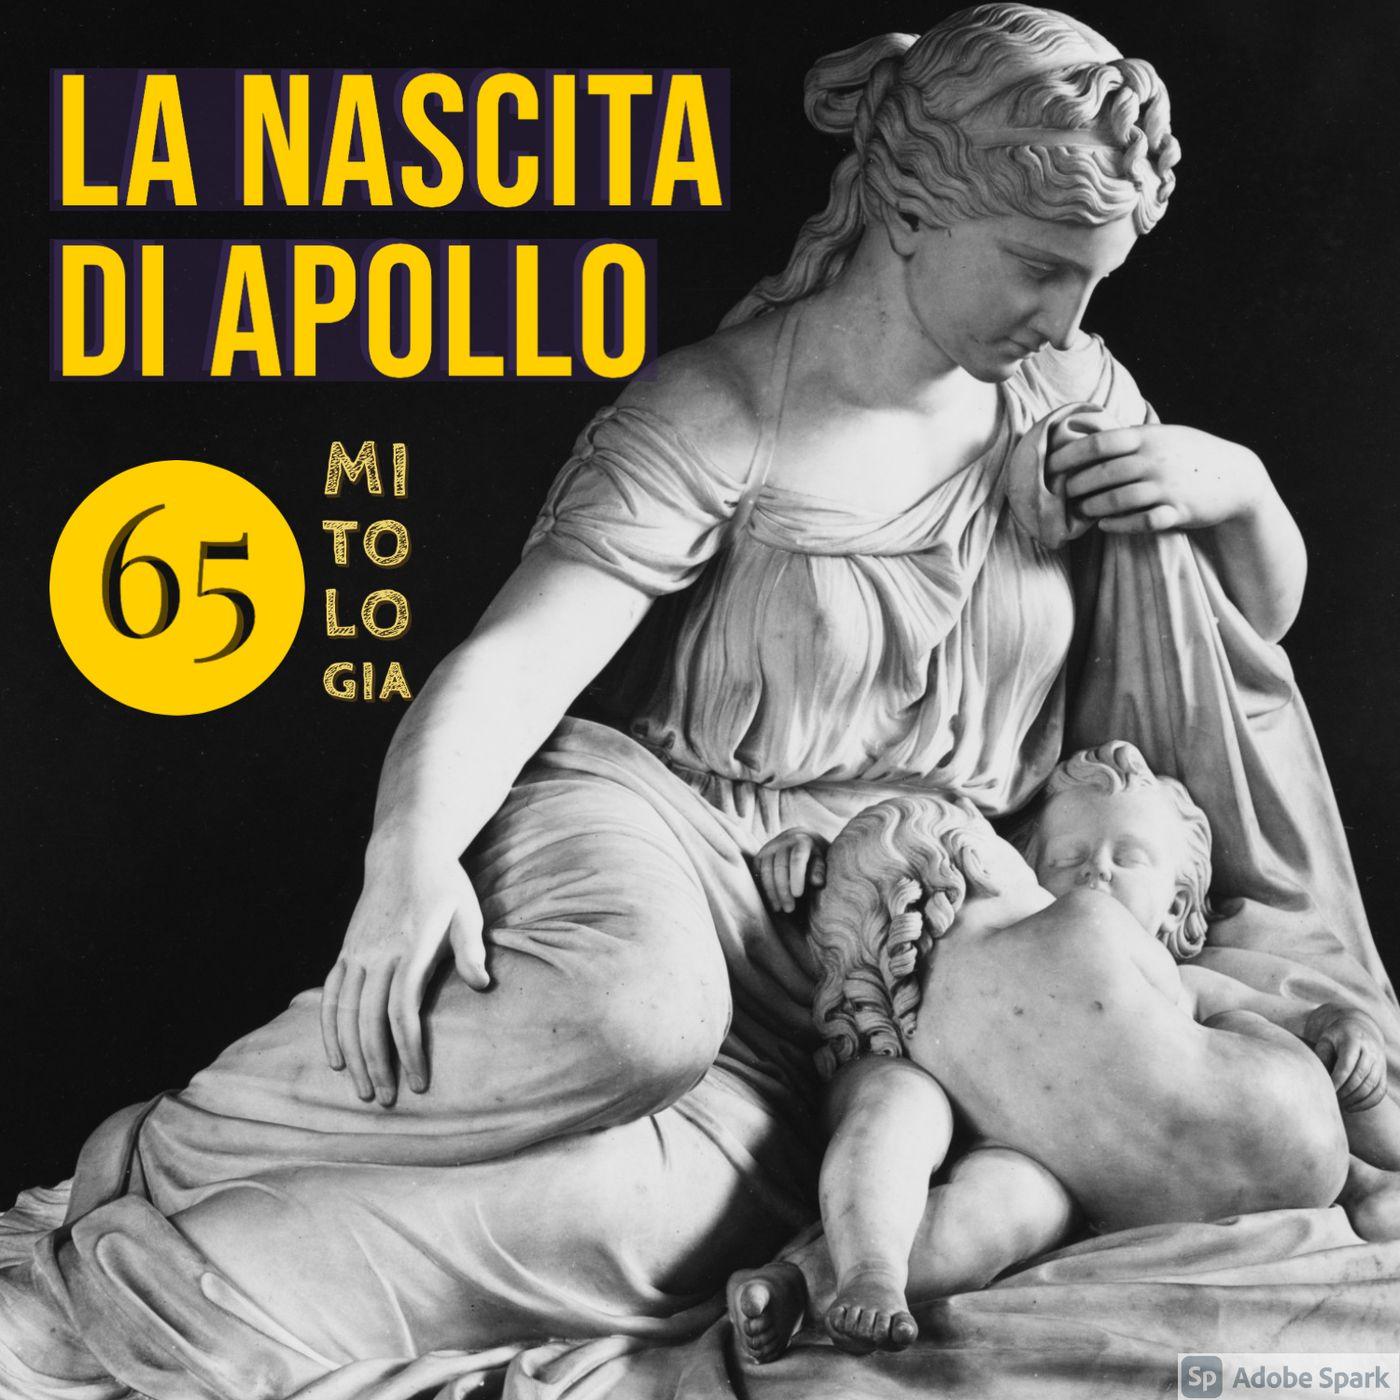 La nascita di Apollo